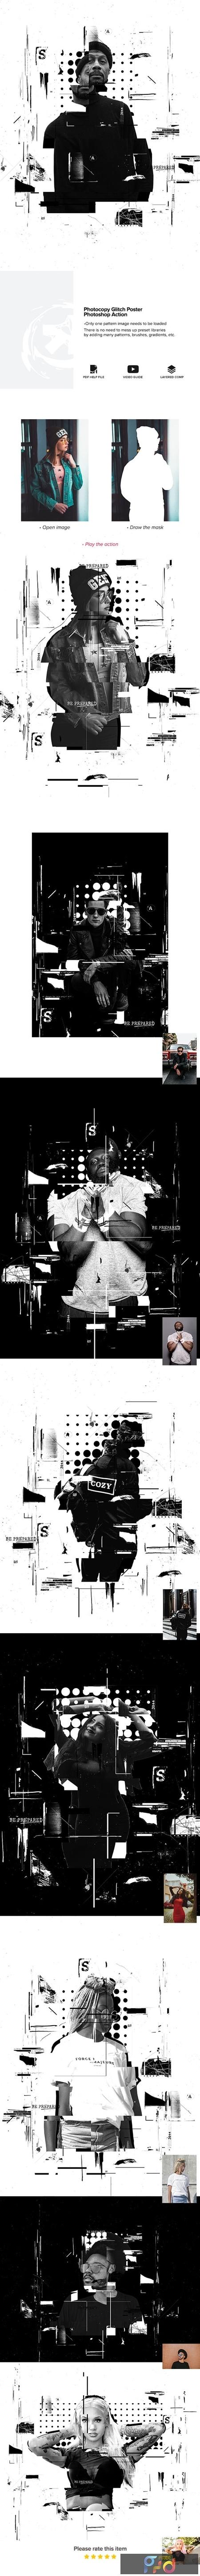 Photocopy Glitch Poster Photoshop Action 24748010 1